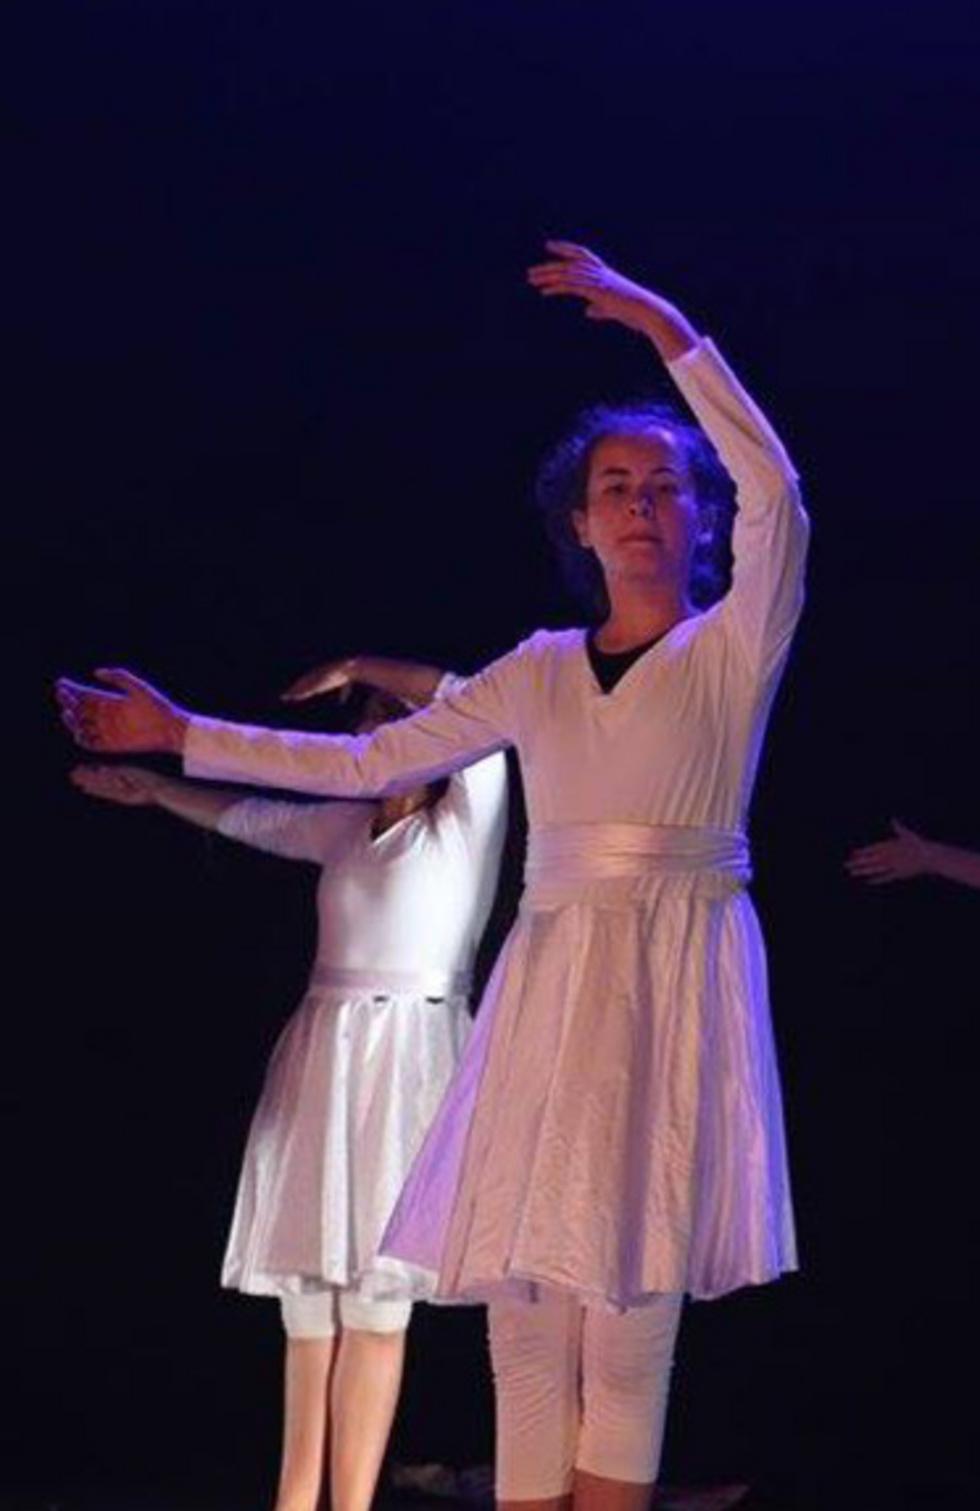 הלל רוקדת במופע שעות לפני שנרצחה בשנתה, ב-2016 (צילום: עמיחי מעטוף, באדיבות סטודיו הריקוד - מרכז למחול) (צילום: עמיחי מעטוף, באדיבות סטודיו הריקוד - מרכז למחול)